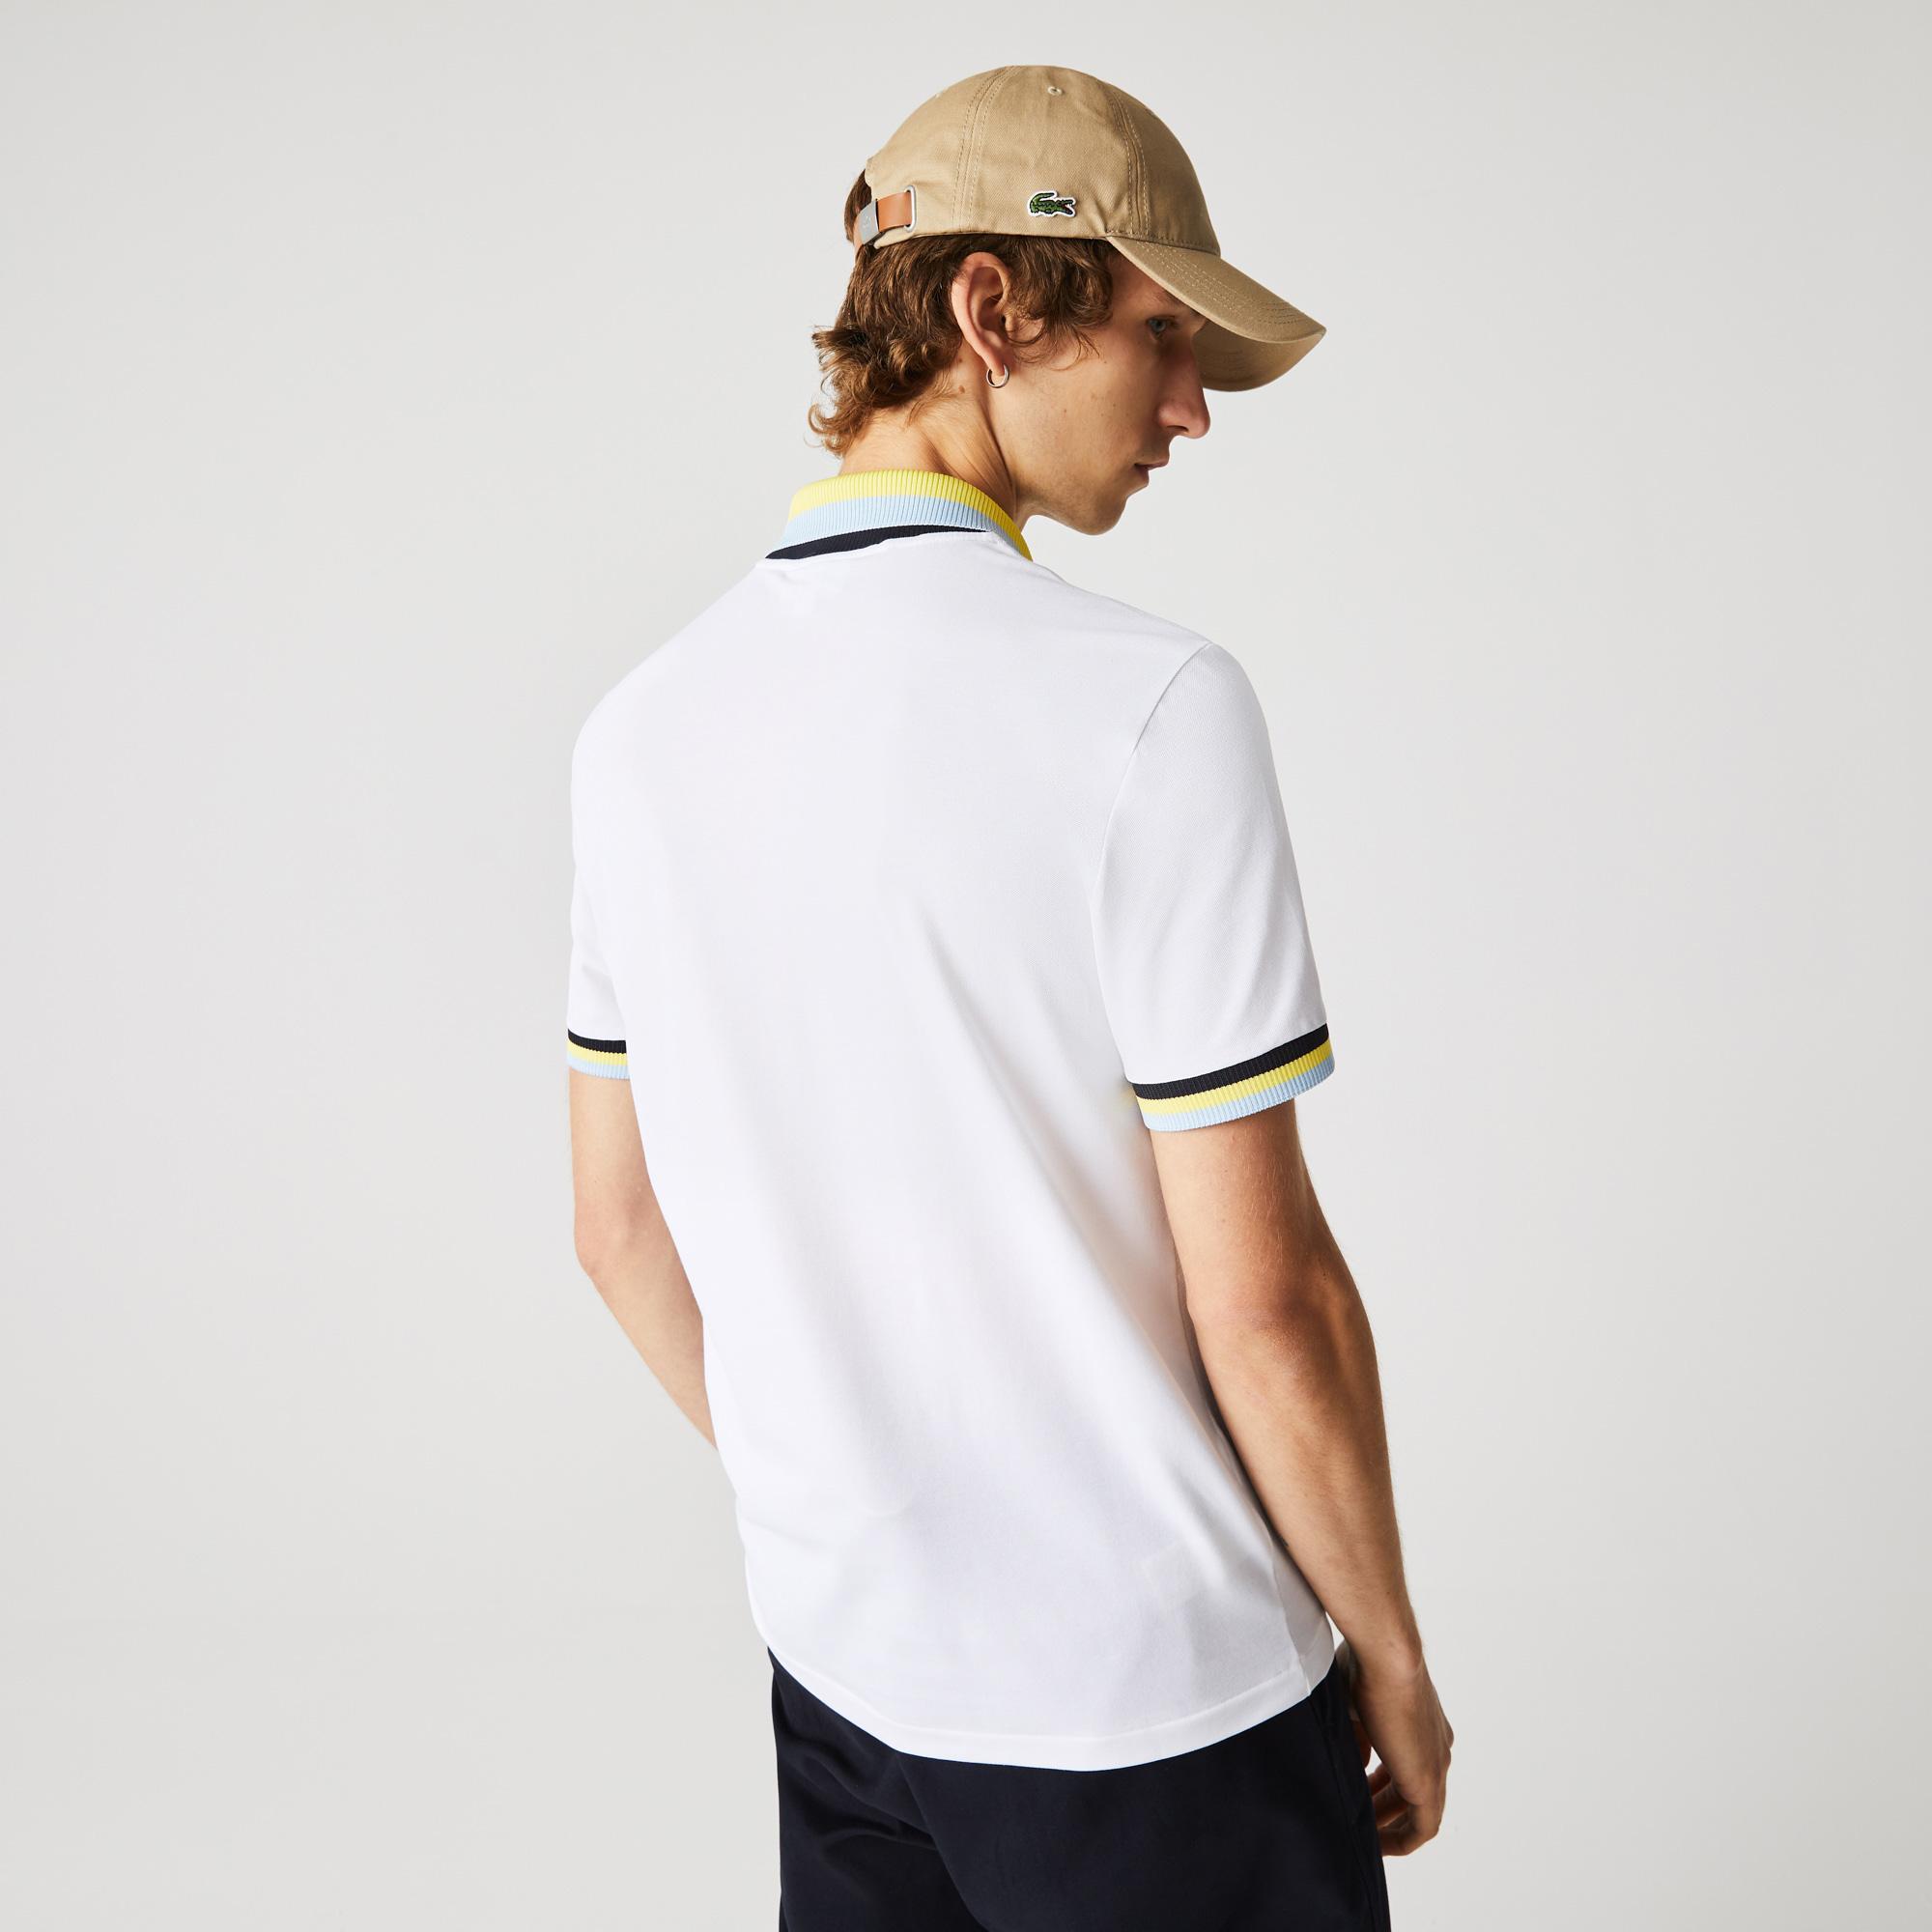 Lacoste Męska koszulka polo Slim Fit z piki, lekka, oddychająca